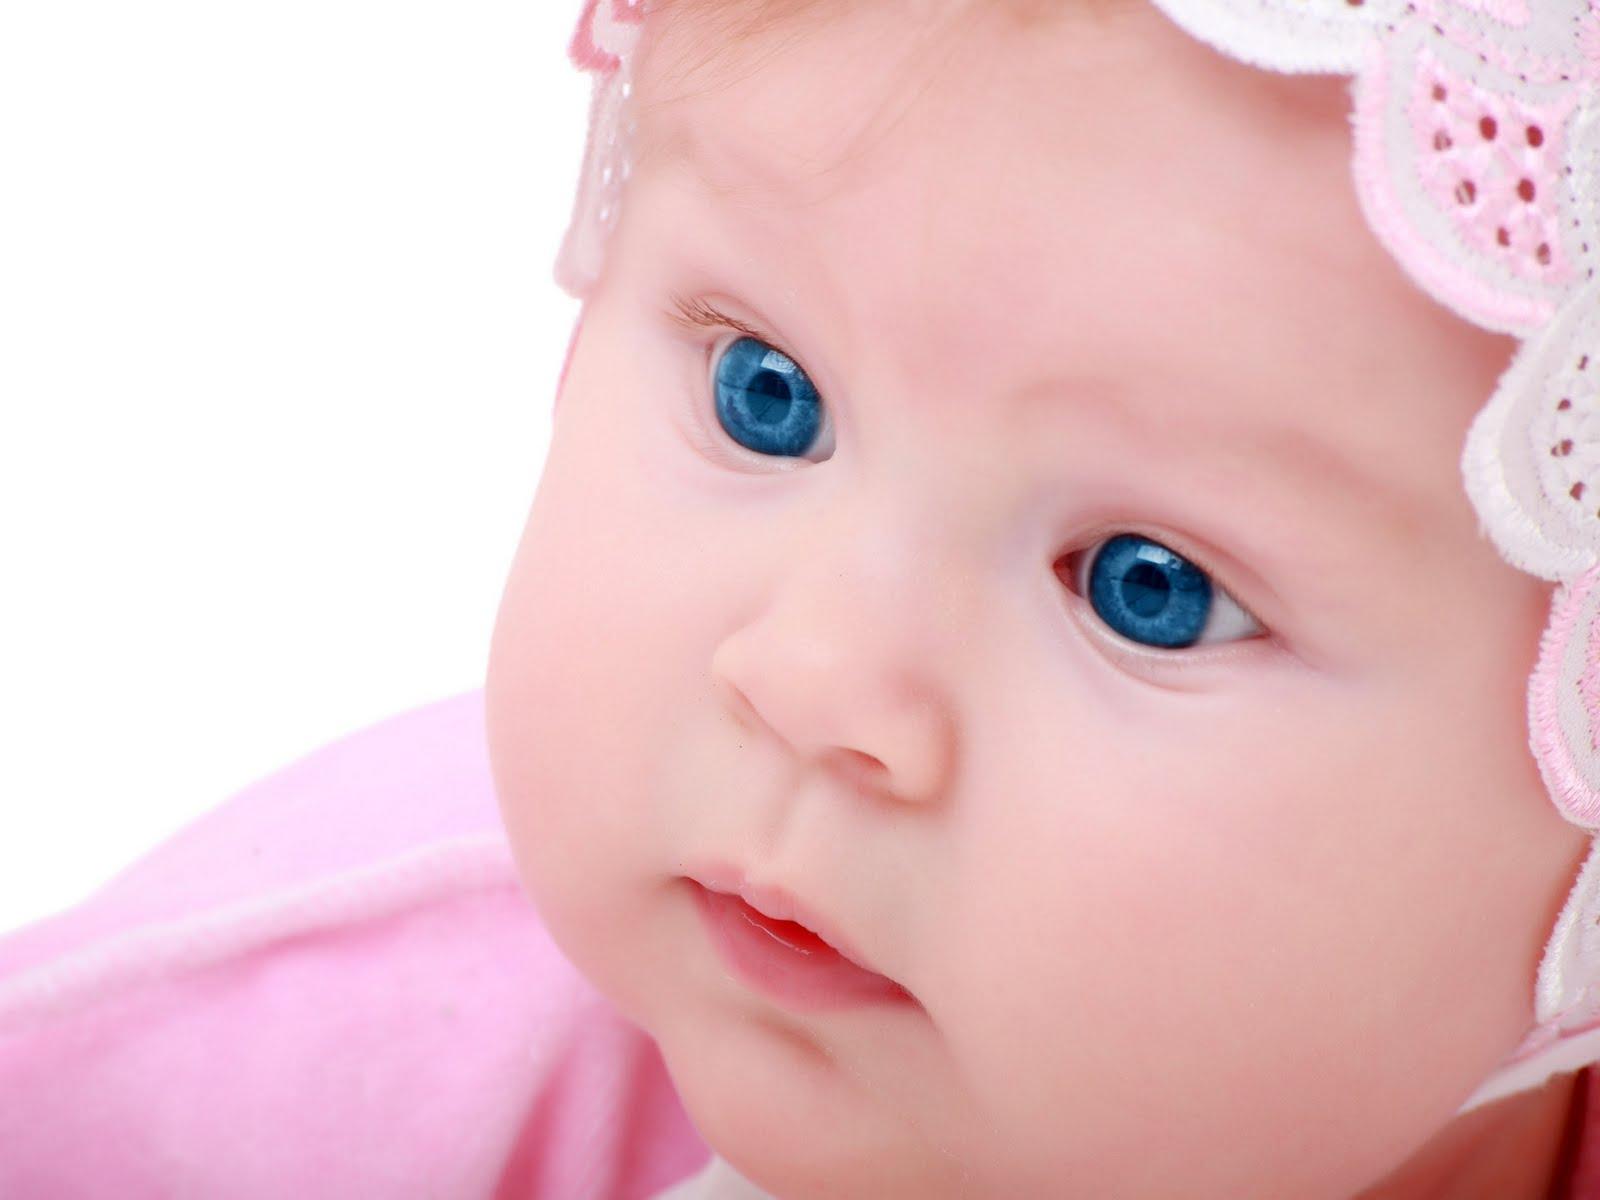 http://4.bp.blogspot.com/-xhuSlGkmsuA/TfG2LRtNwBI/AAAAAAAABTY/h-8pzl6TKDg/s1600/cute-babies-wallpaper-03.jpg